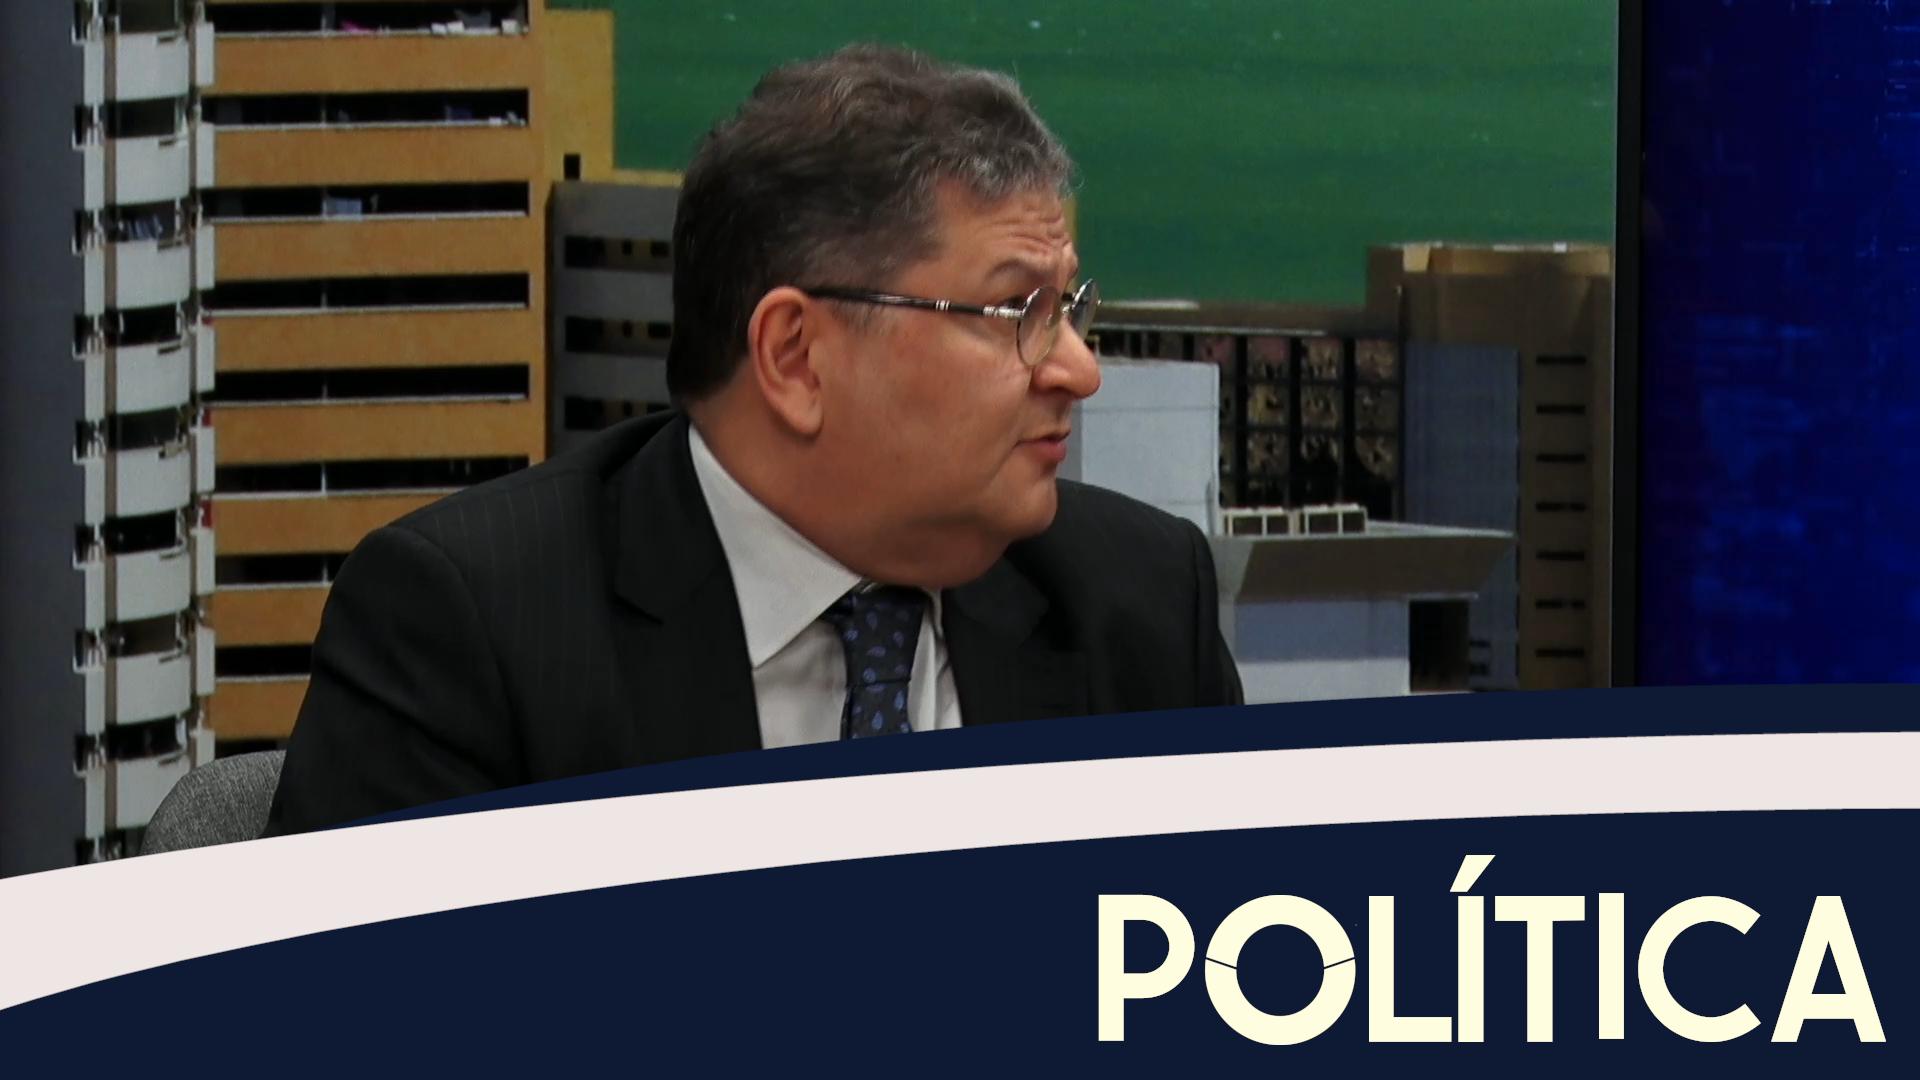 Política entrevista Hélio Leitão, Presidente da CNDH/OAB